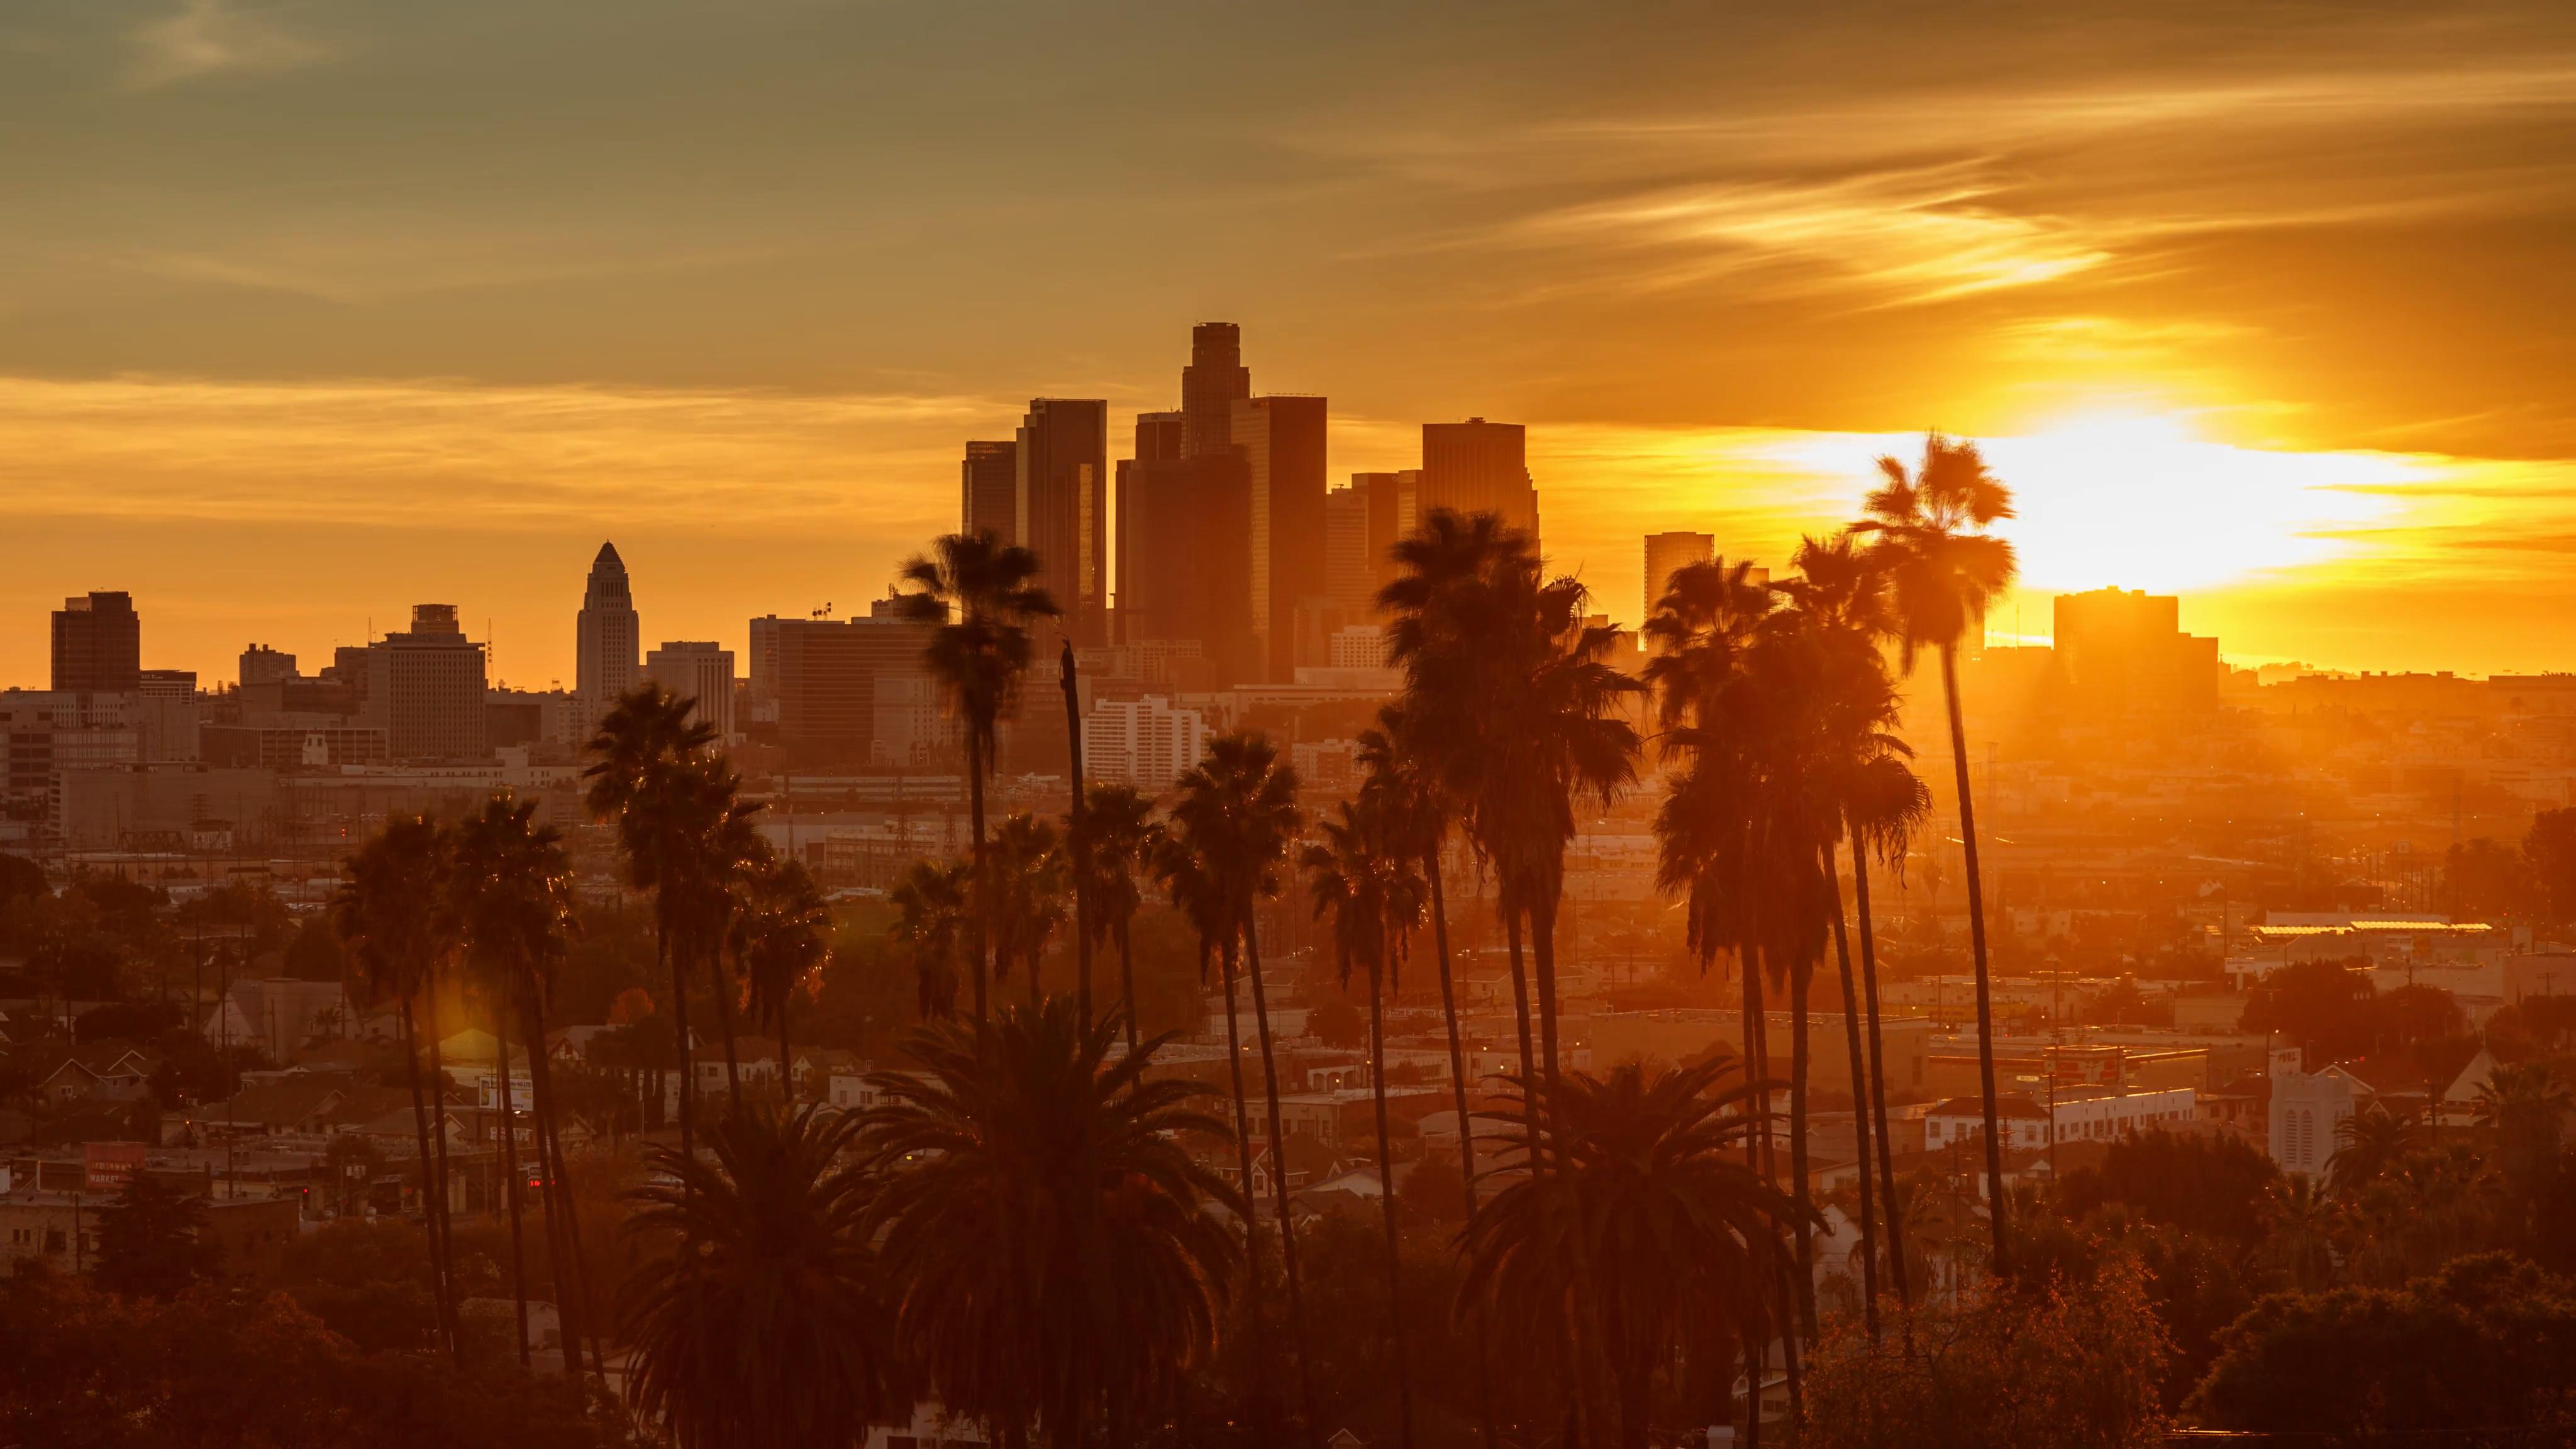 SAN FRANCİSCO LAS VEGAS LOS ANGELES